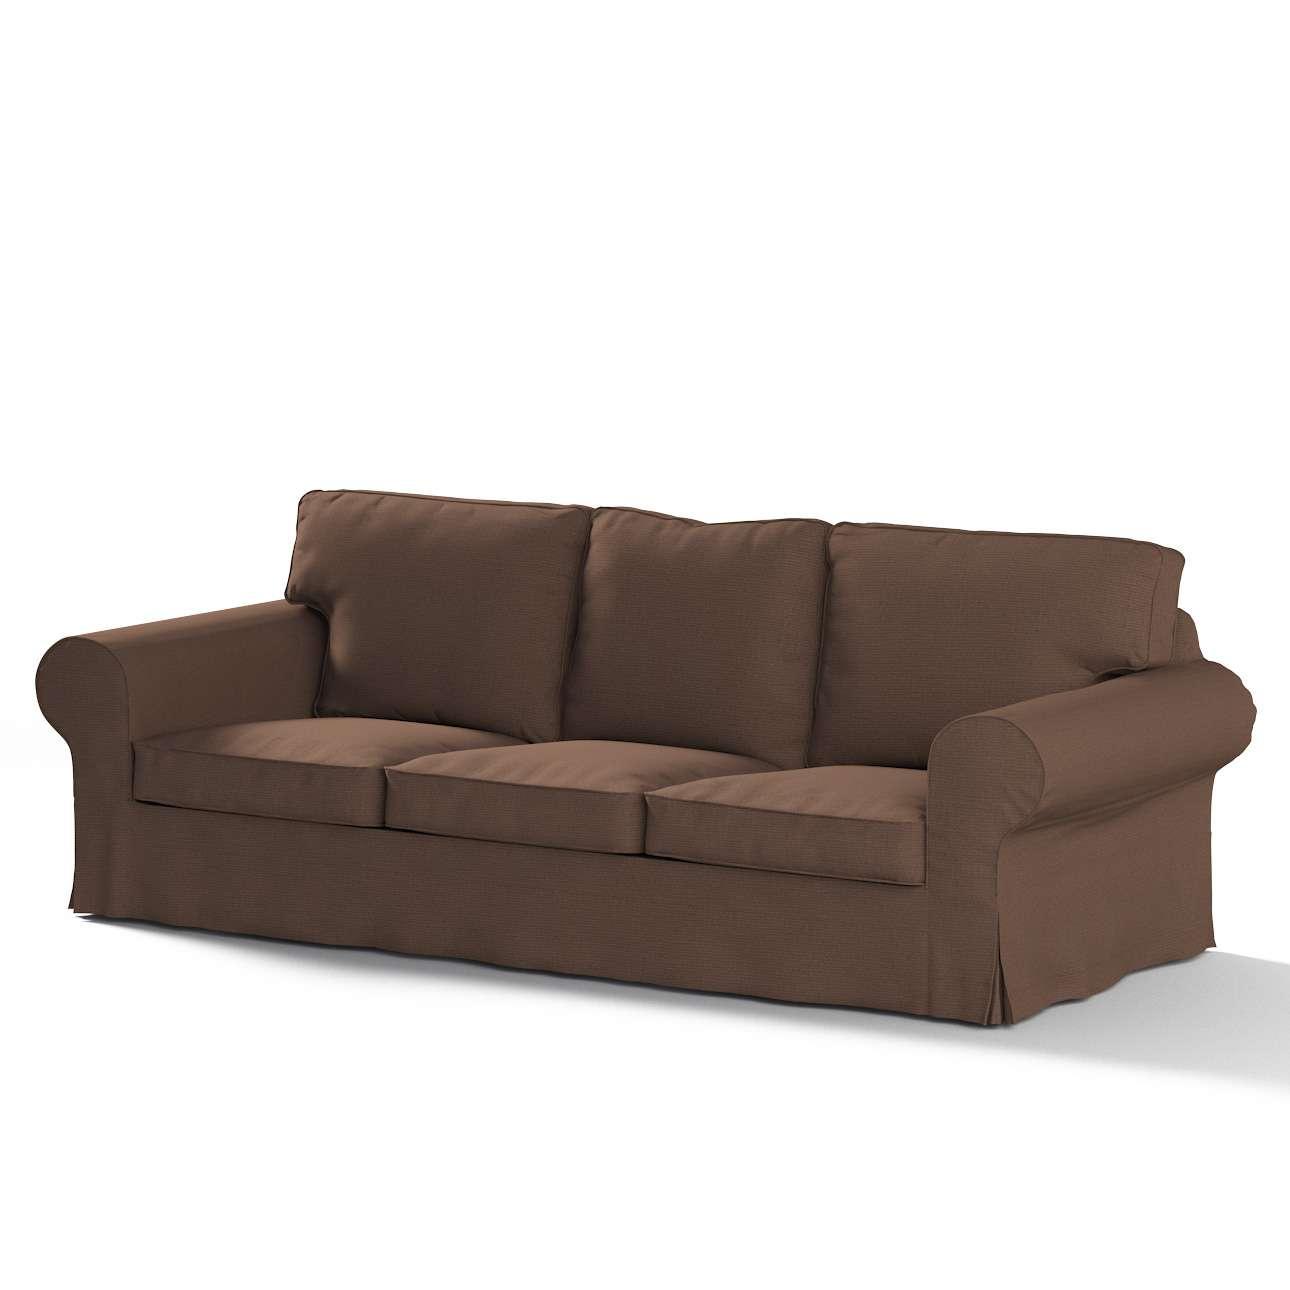 Potah na pohovku IKEA  Ektorp 3-místná, rozkládací STARÝ MODEL pohovka Ektorp 3-místná rozkládací v kolekci Etna, látka: 705-08